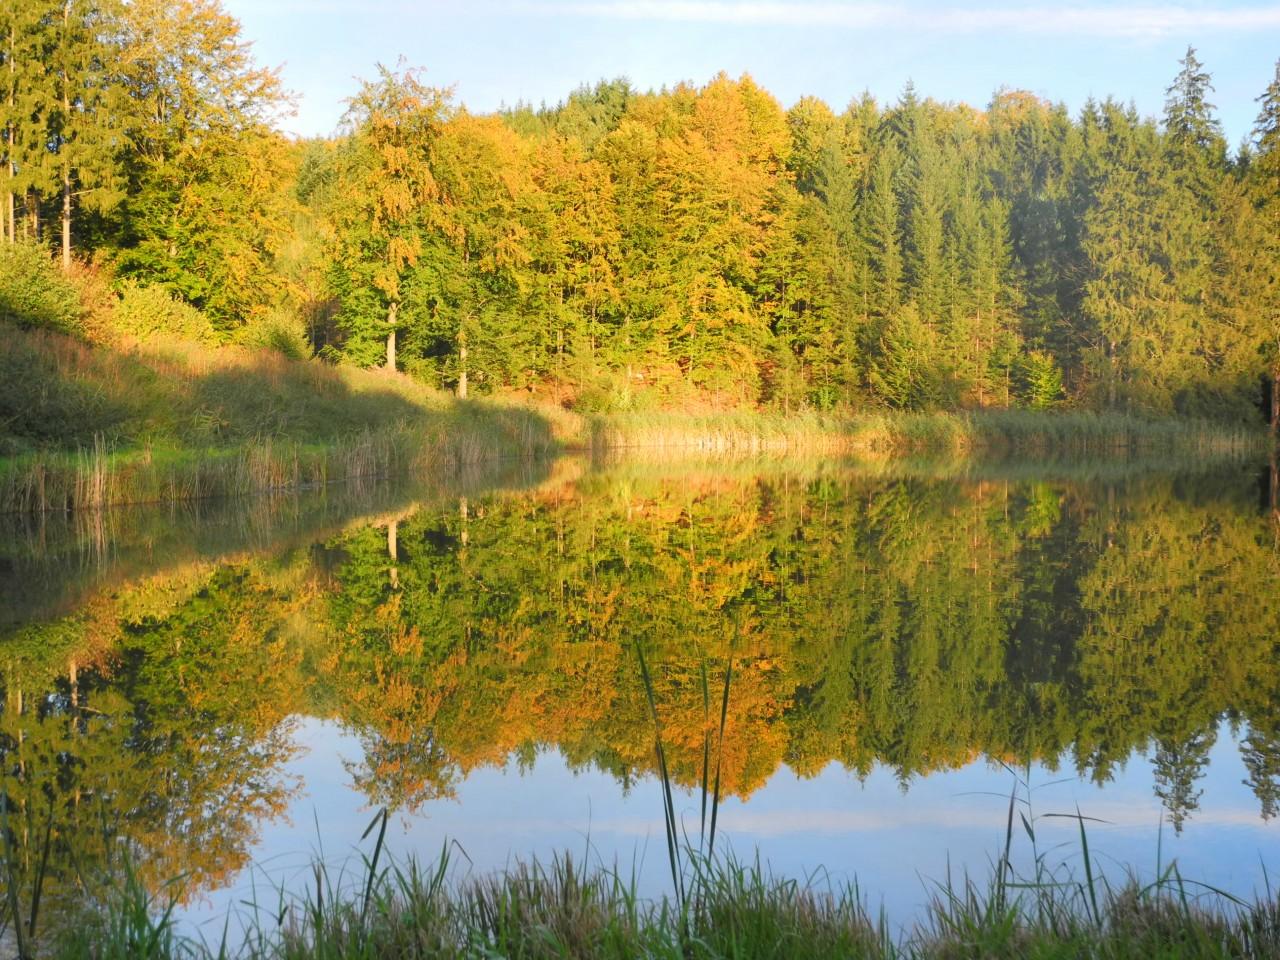 Herbstliche Abendstimmung am Tannetweiher bei Burgwalden